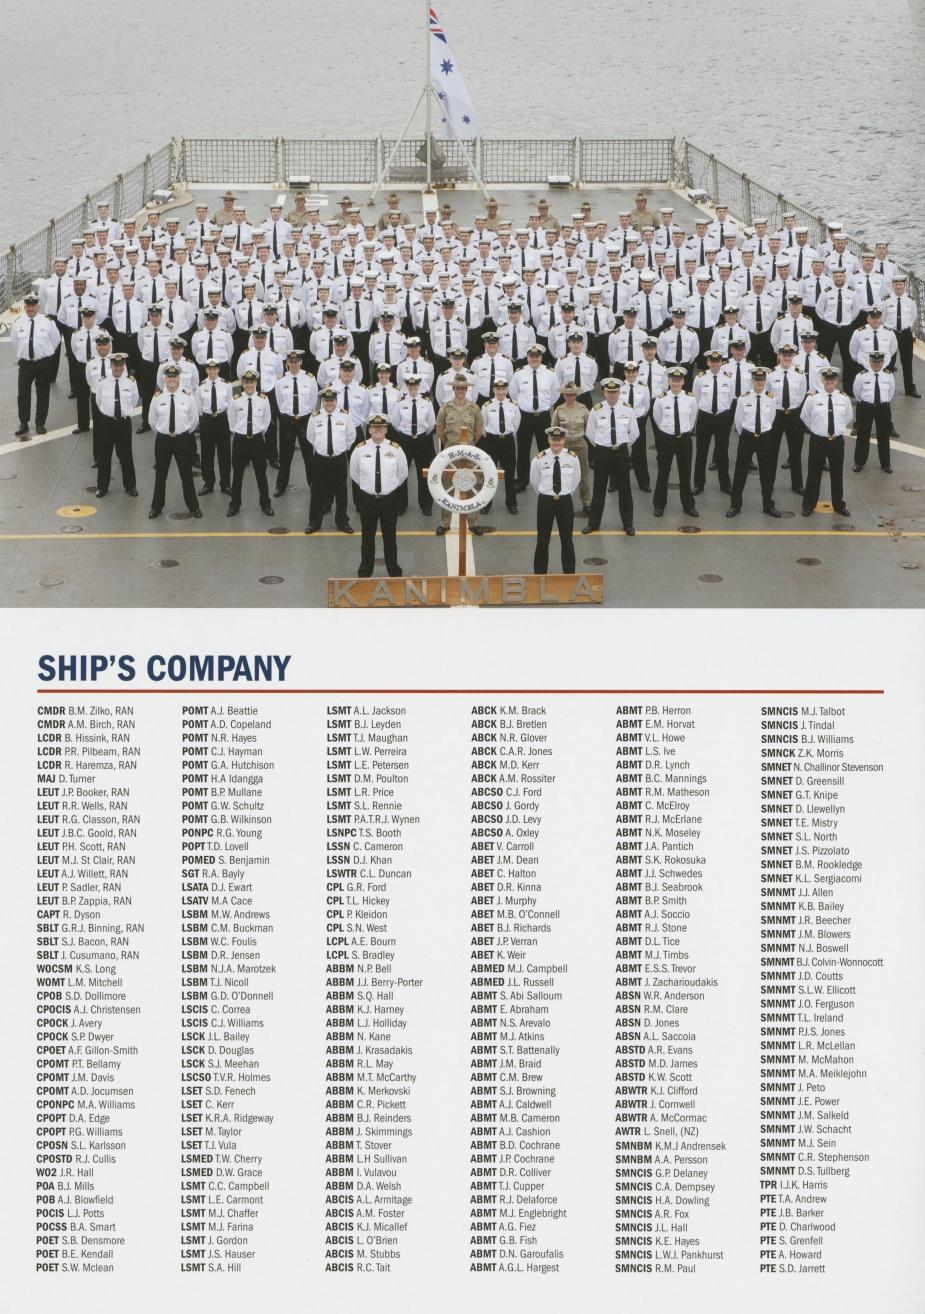 HMAS Kanimbla's decommissioning ship's company.